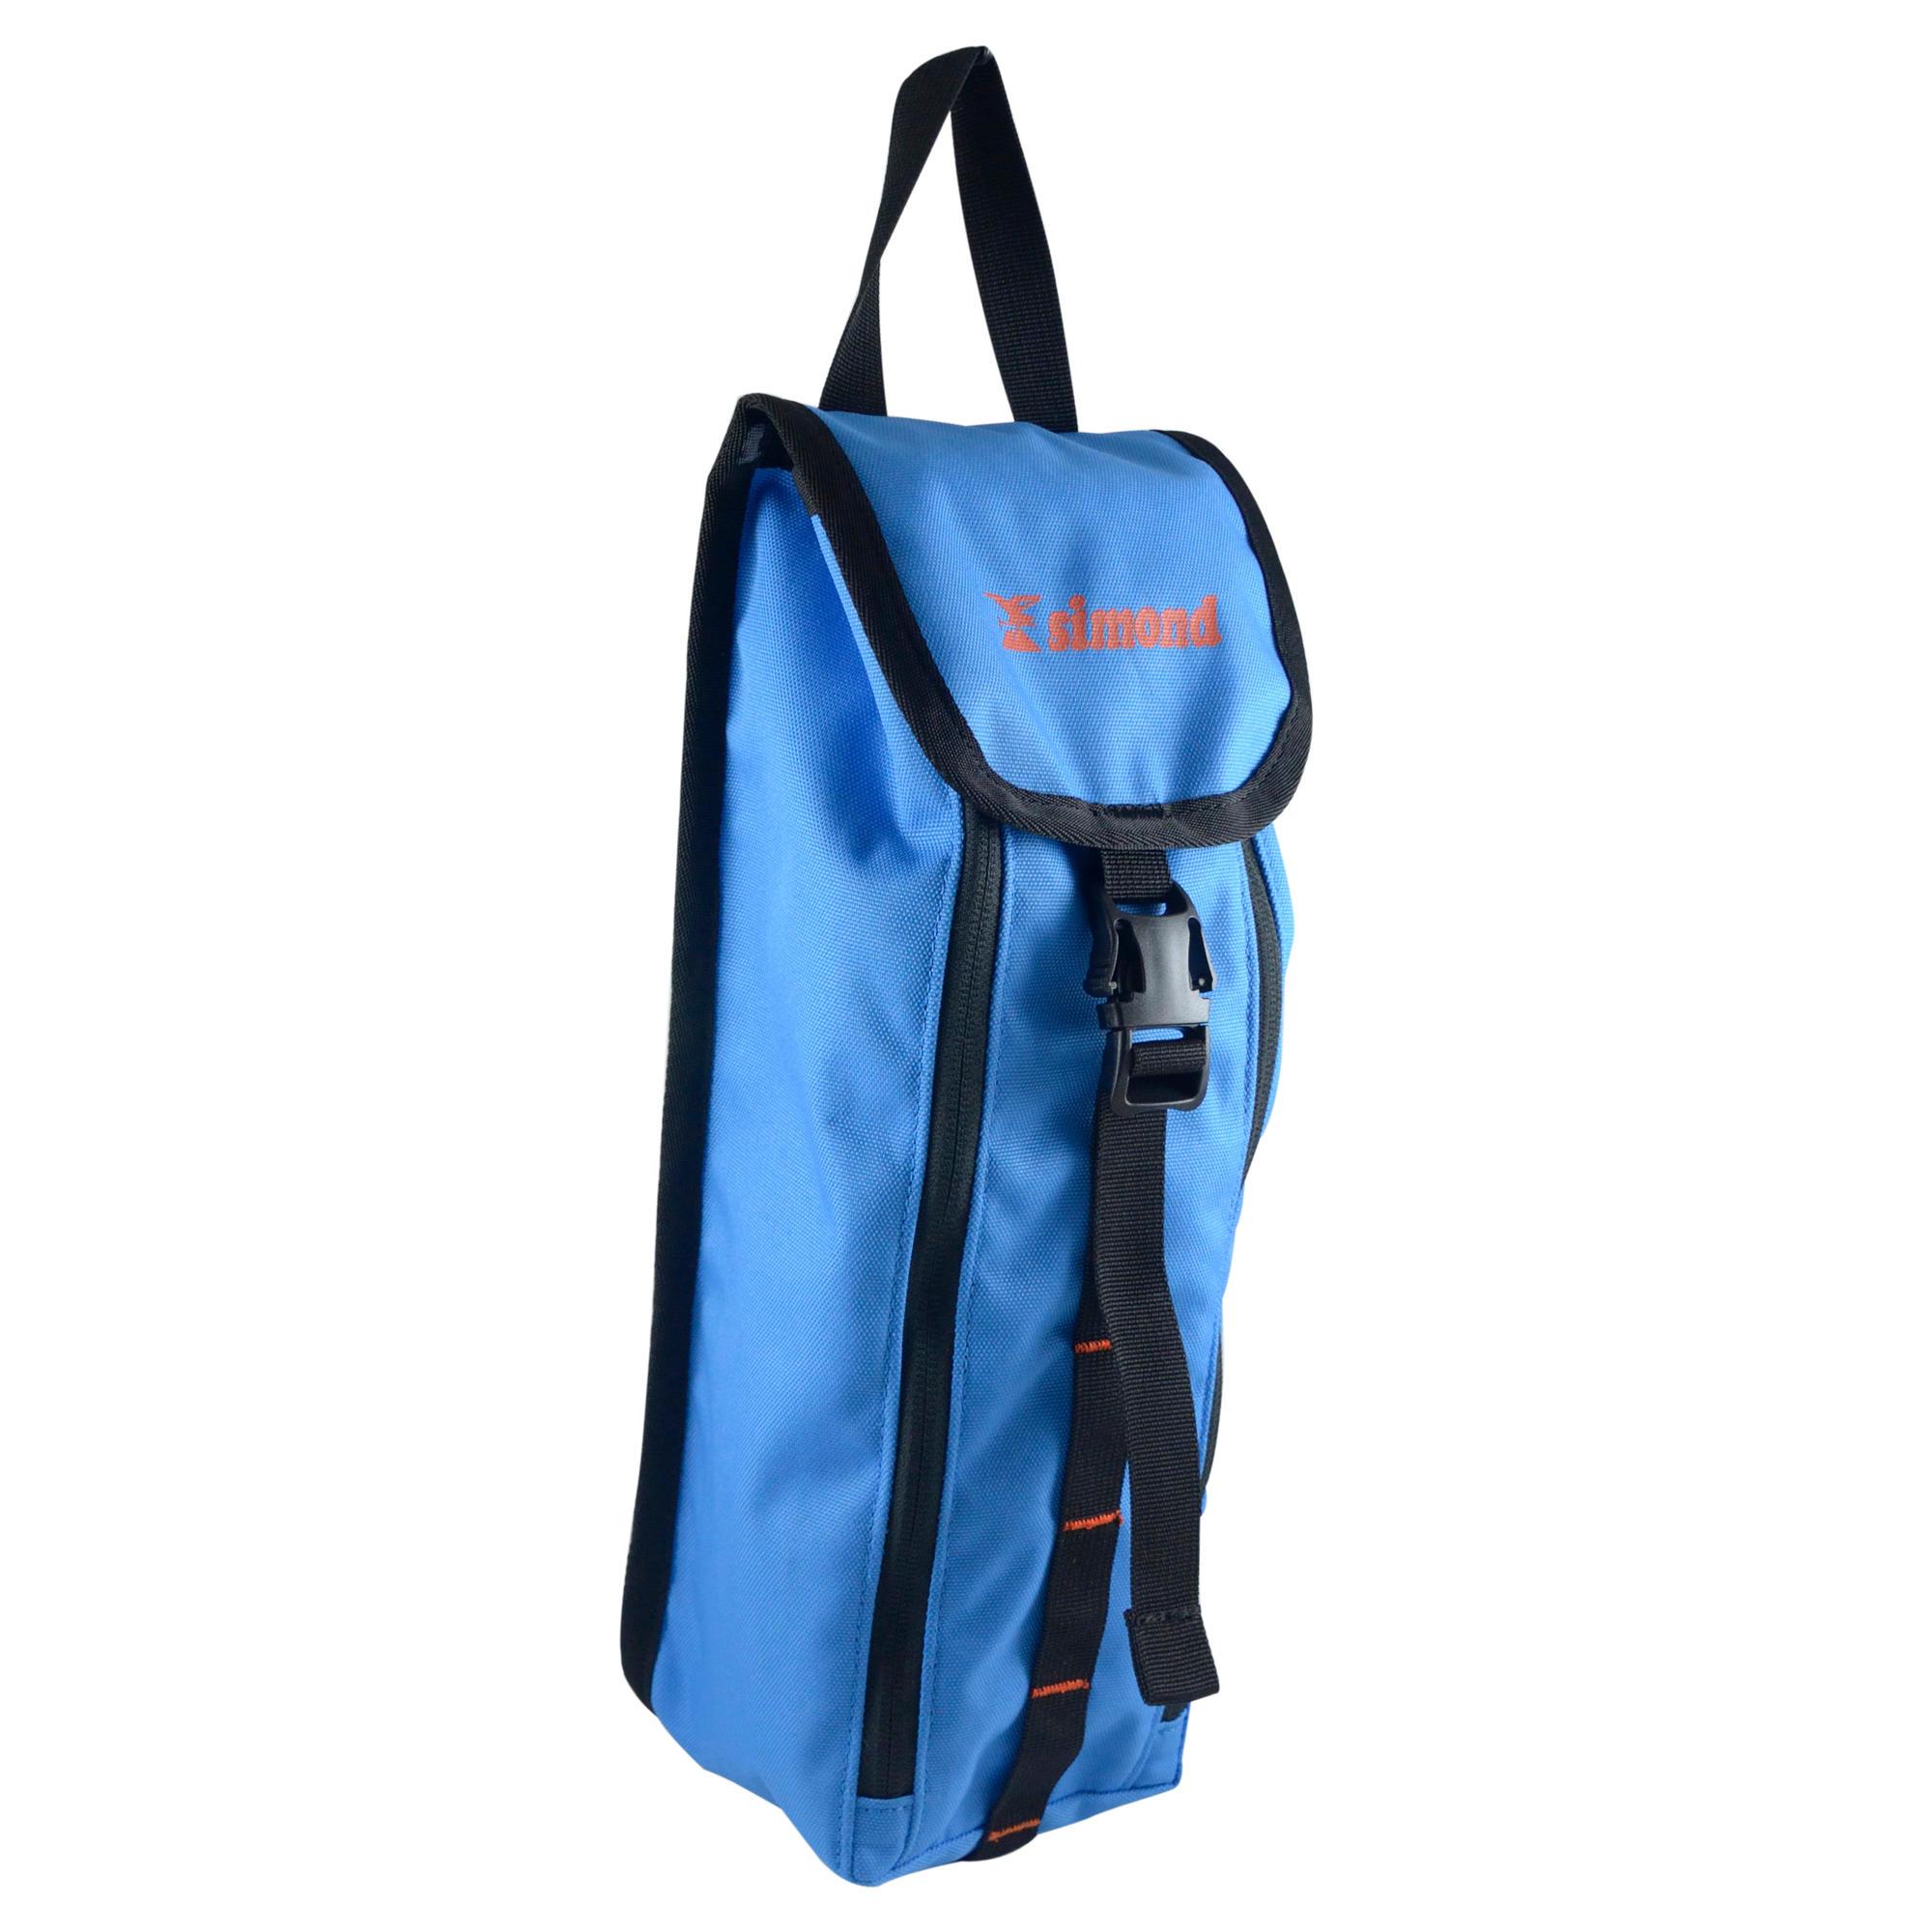 Crampon Bag Simond